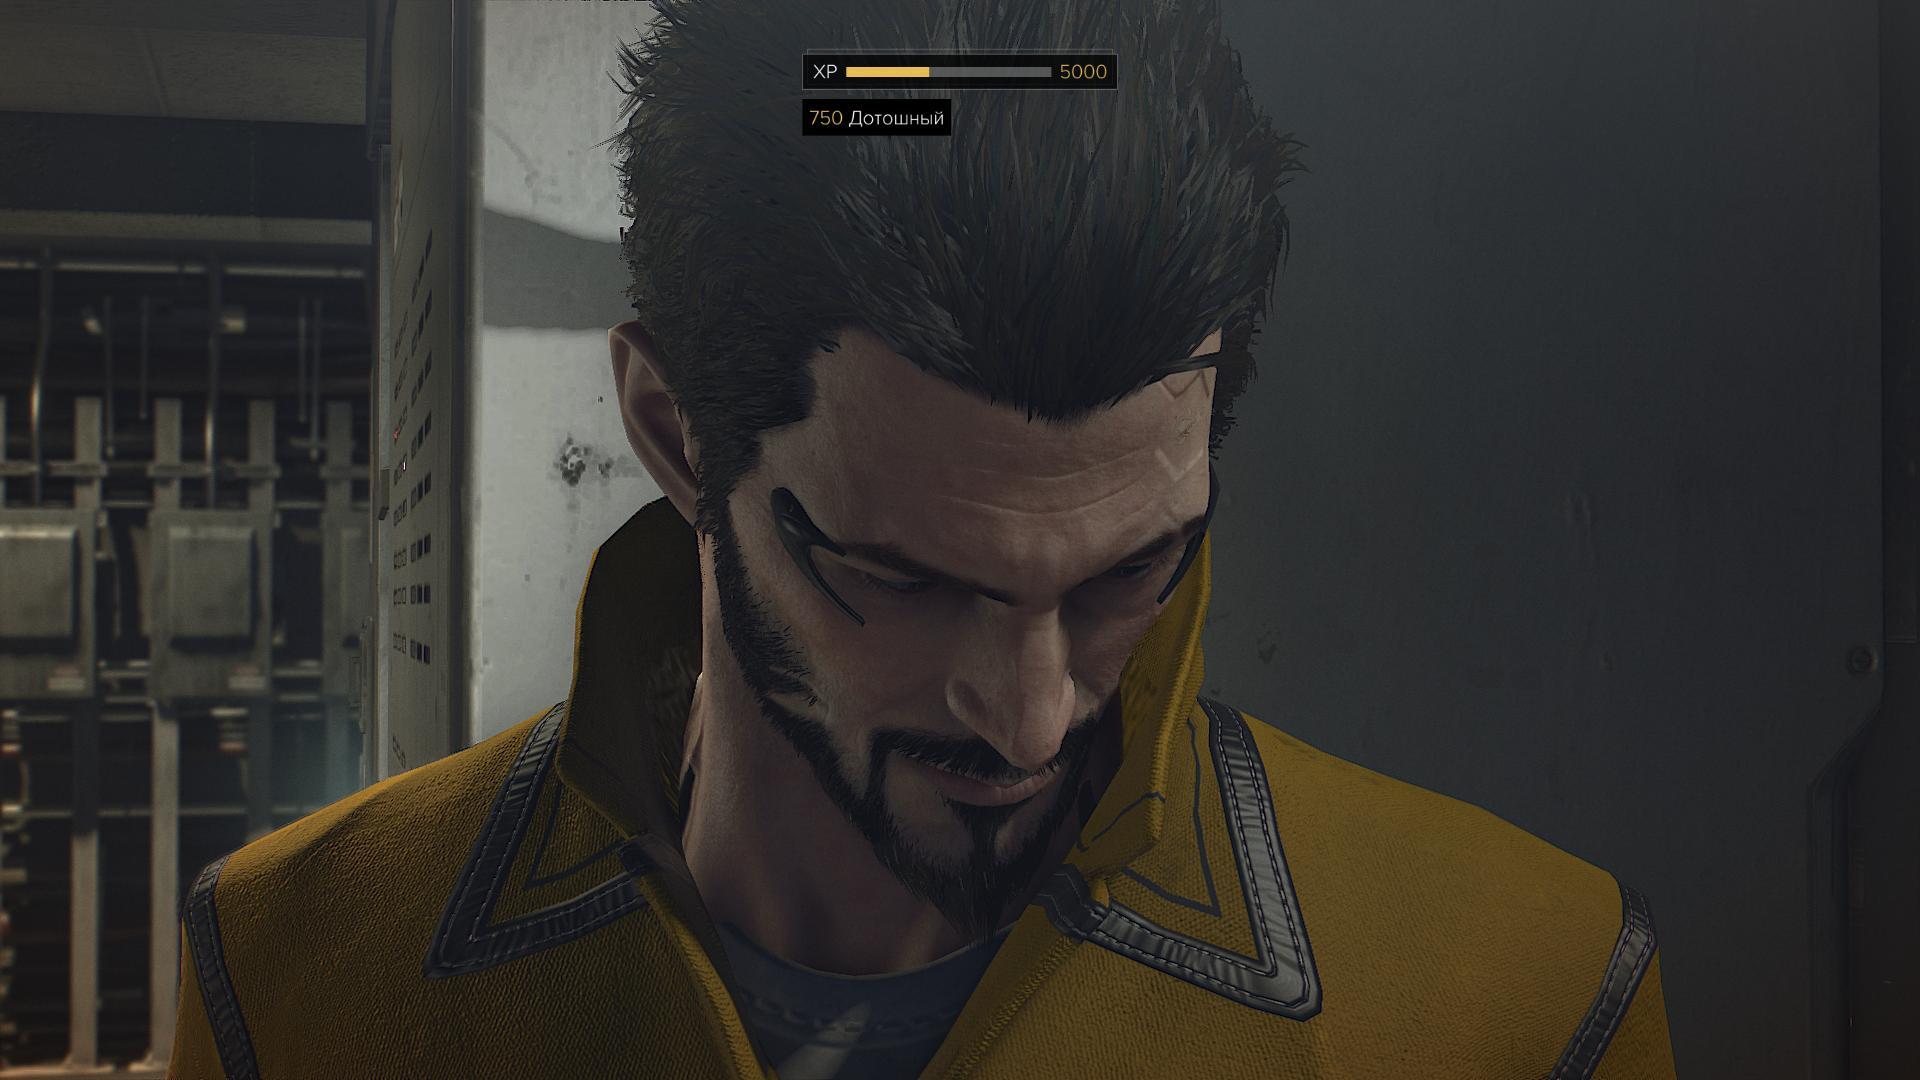 000370.Jpg - Deus Ex: Mankind Divided